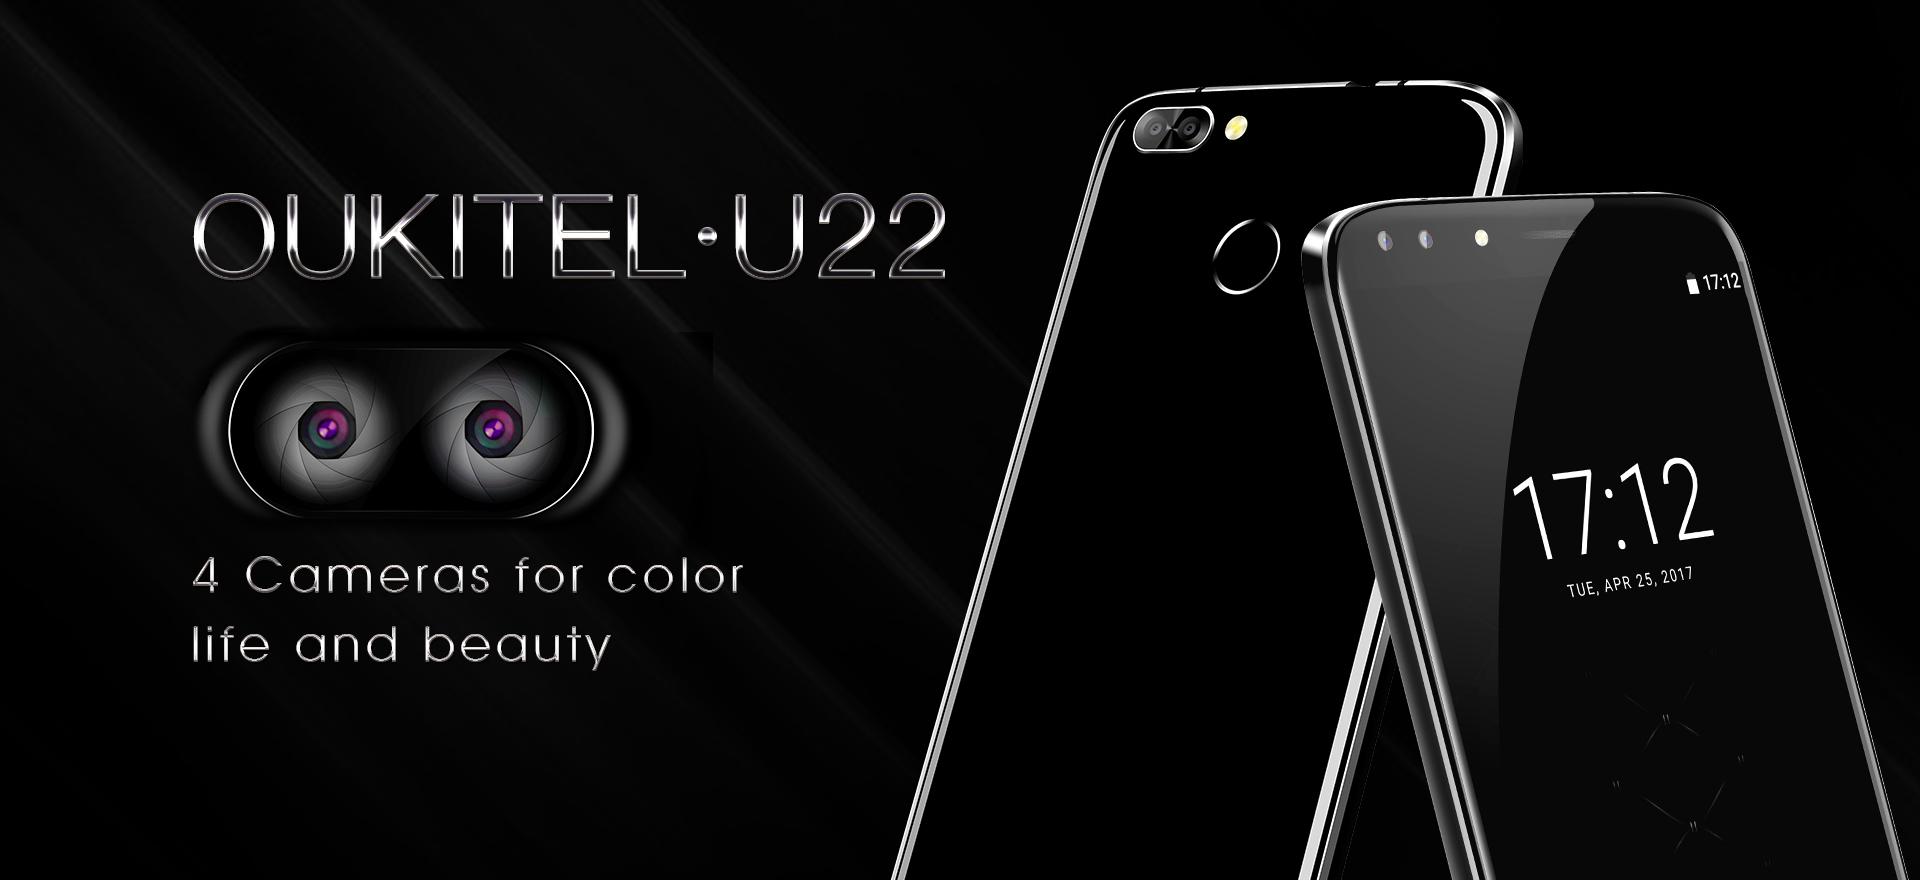 Смартфон Oukitel U22 получит четыре камеры